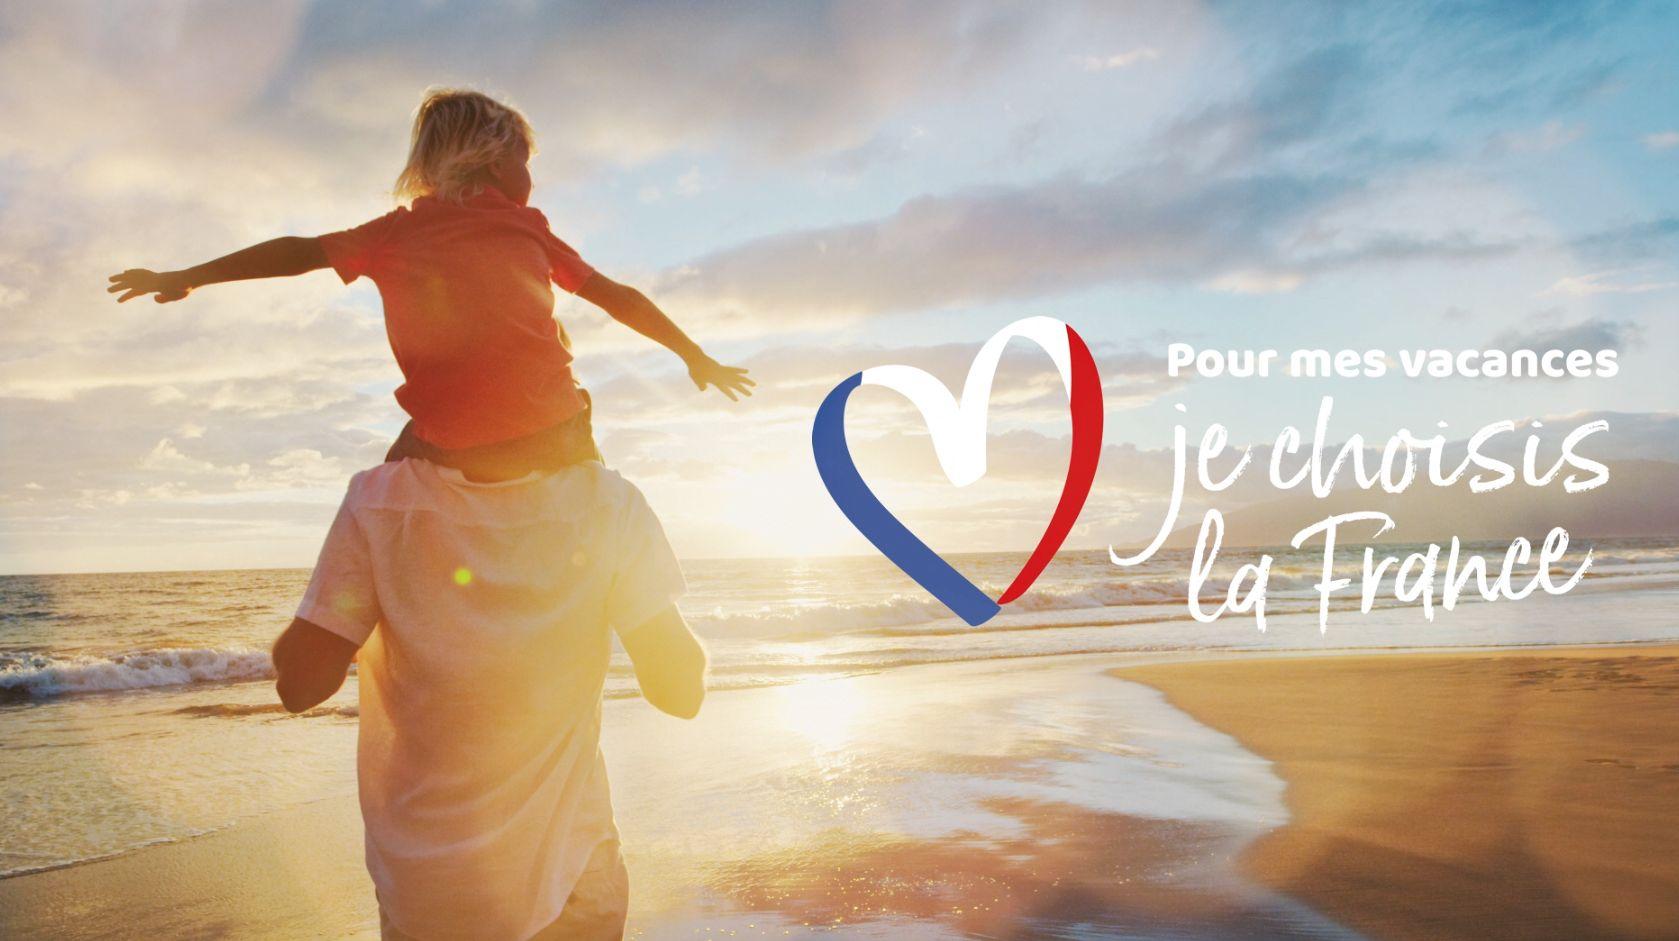 Pour mes vacances, je choisis la France